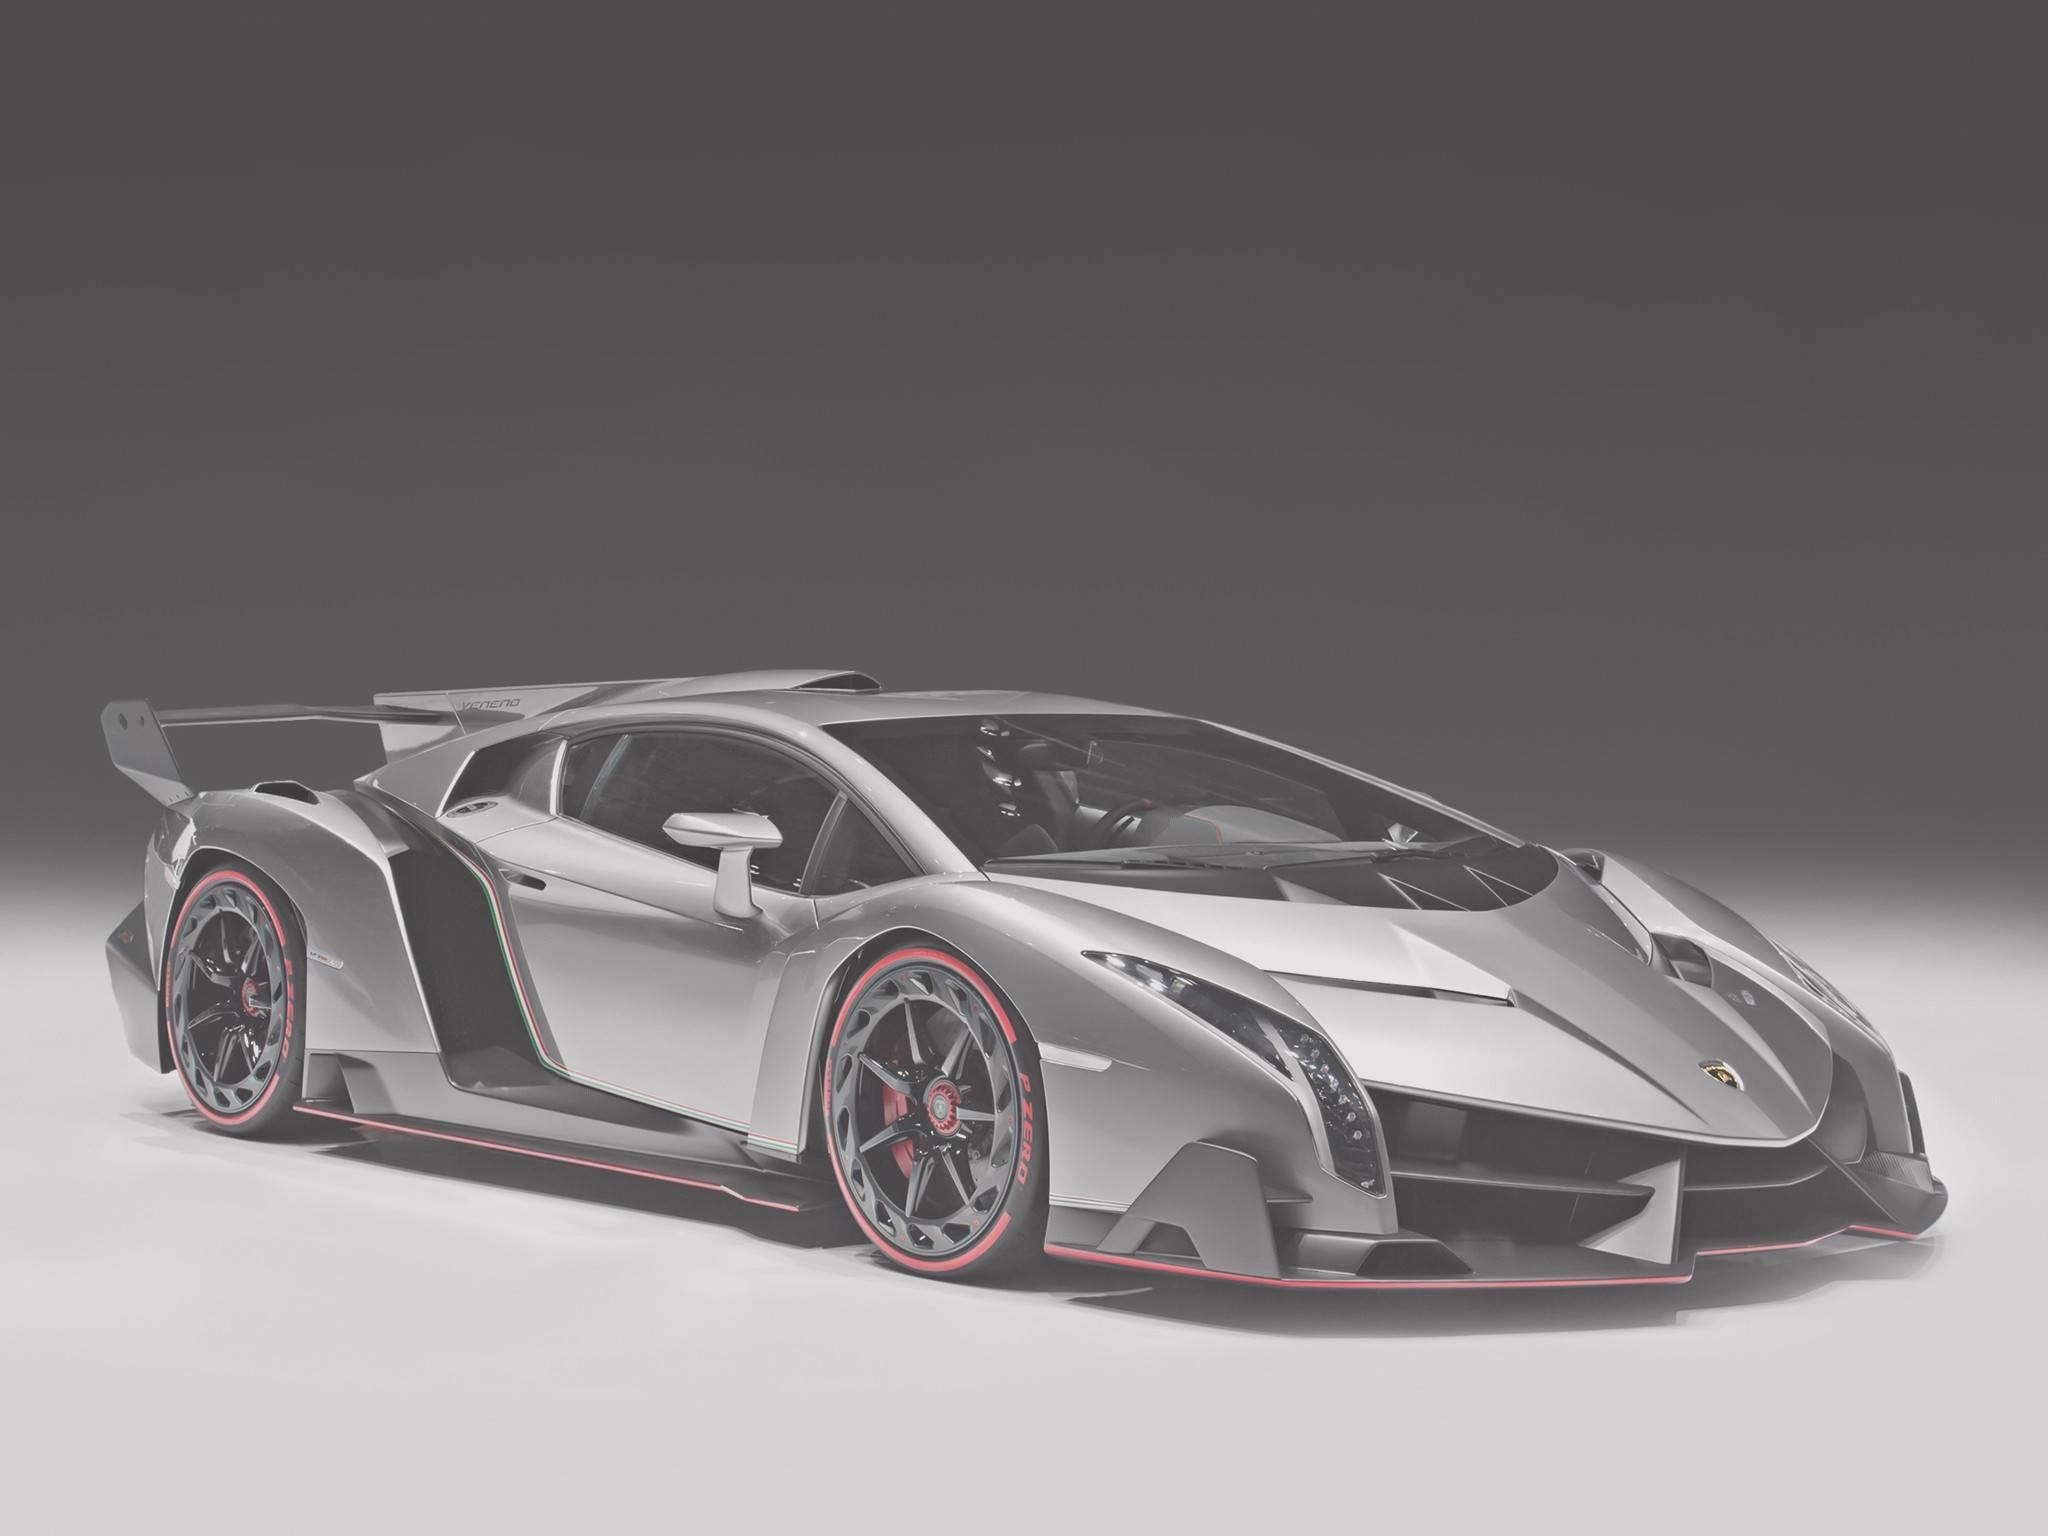 Ausmalbilder Autos Lamborghini Neu 25 Liebenswert Ausmalbilder Zum Ausdrucken Lamborghini Bild